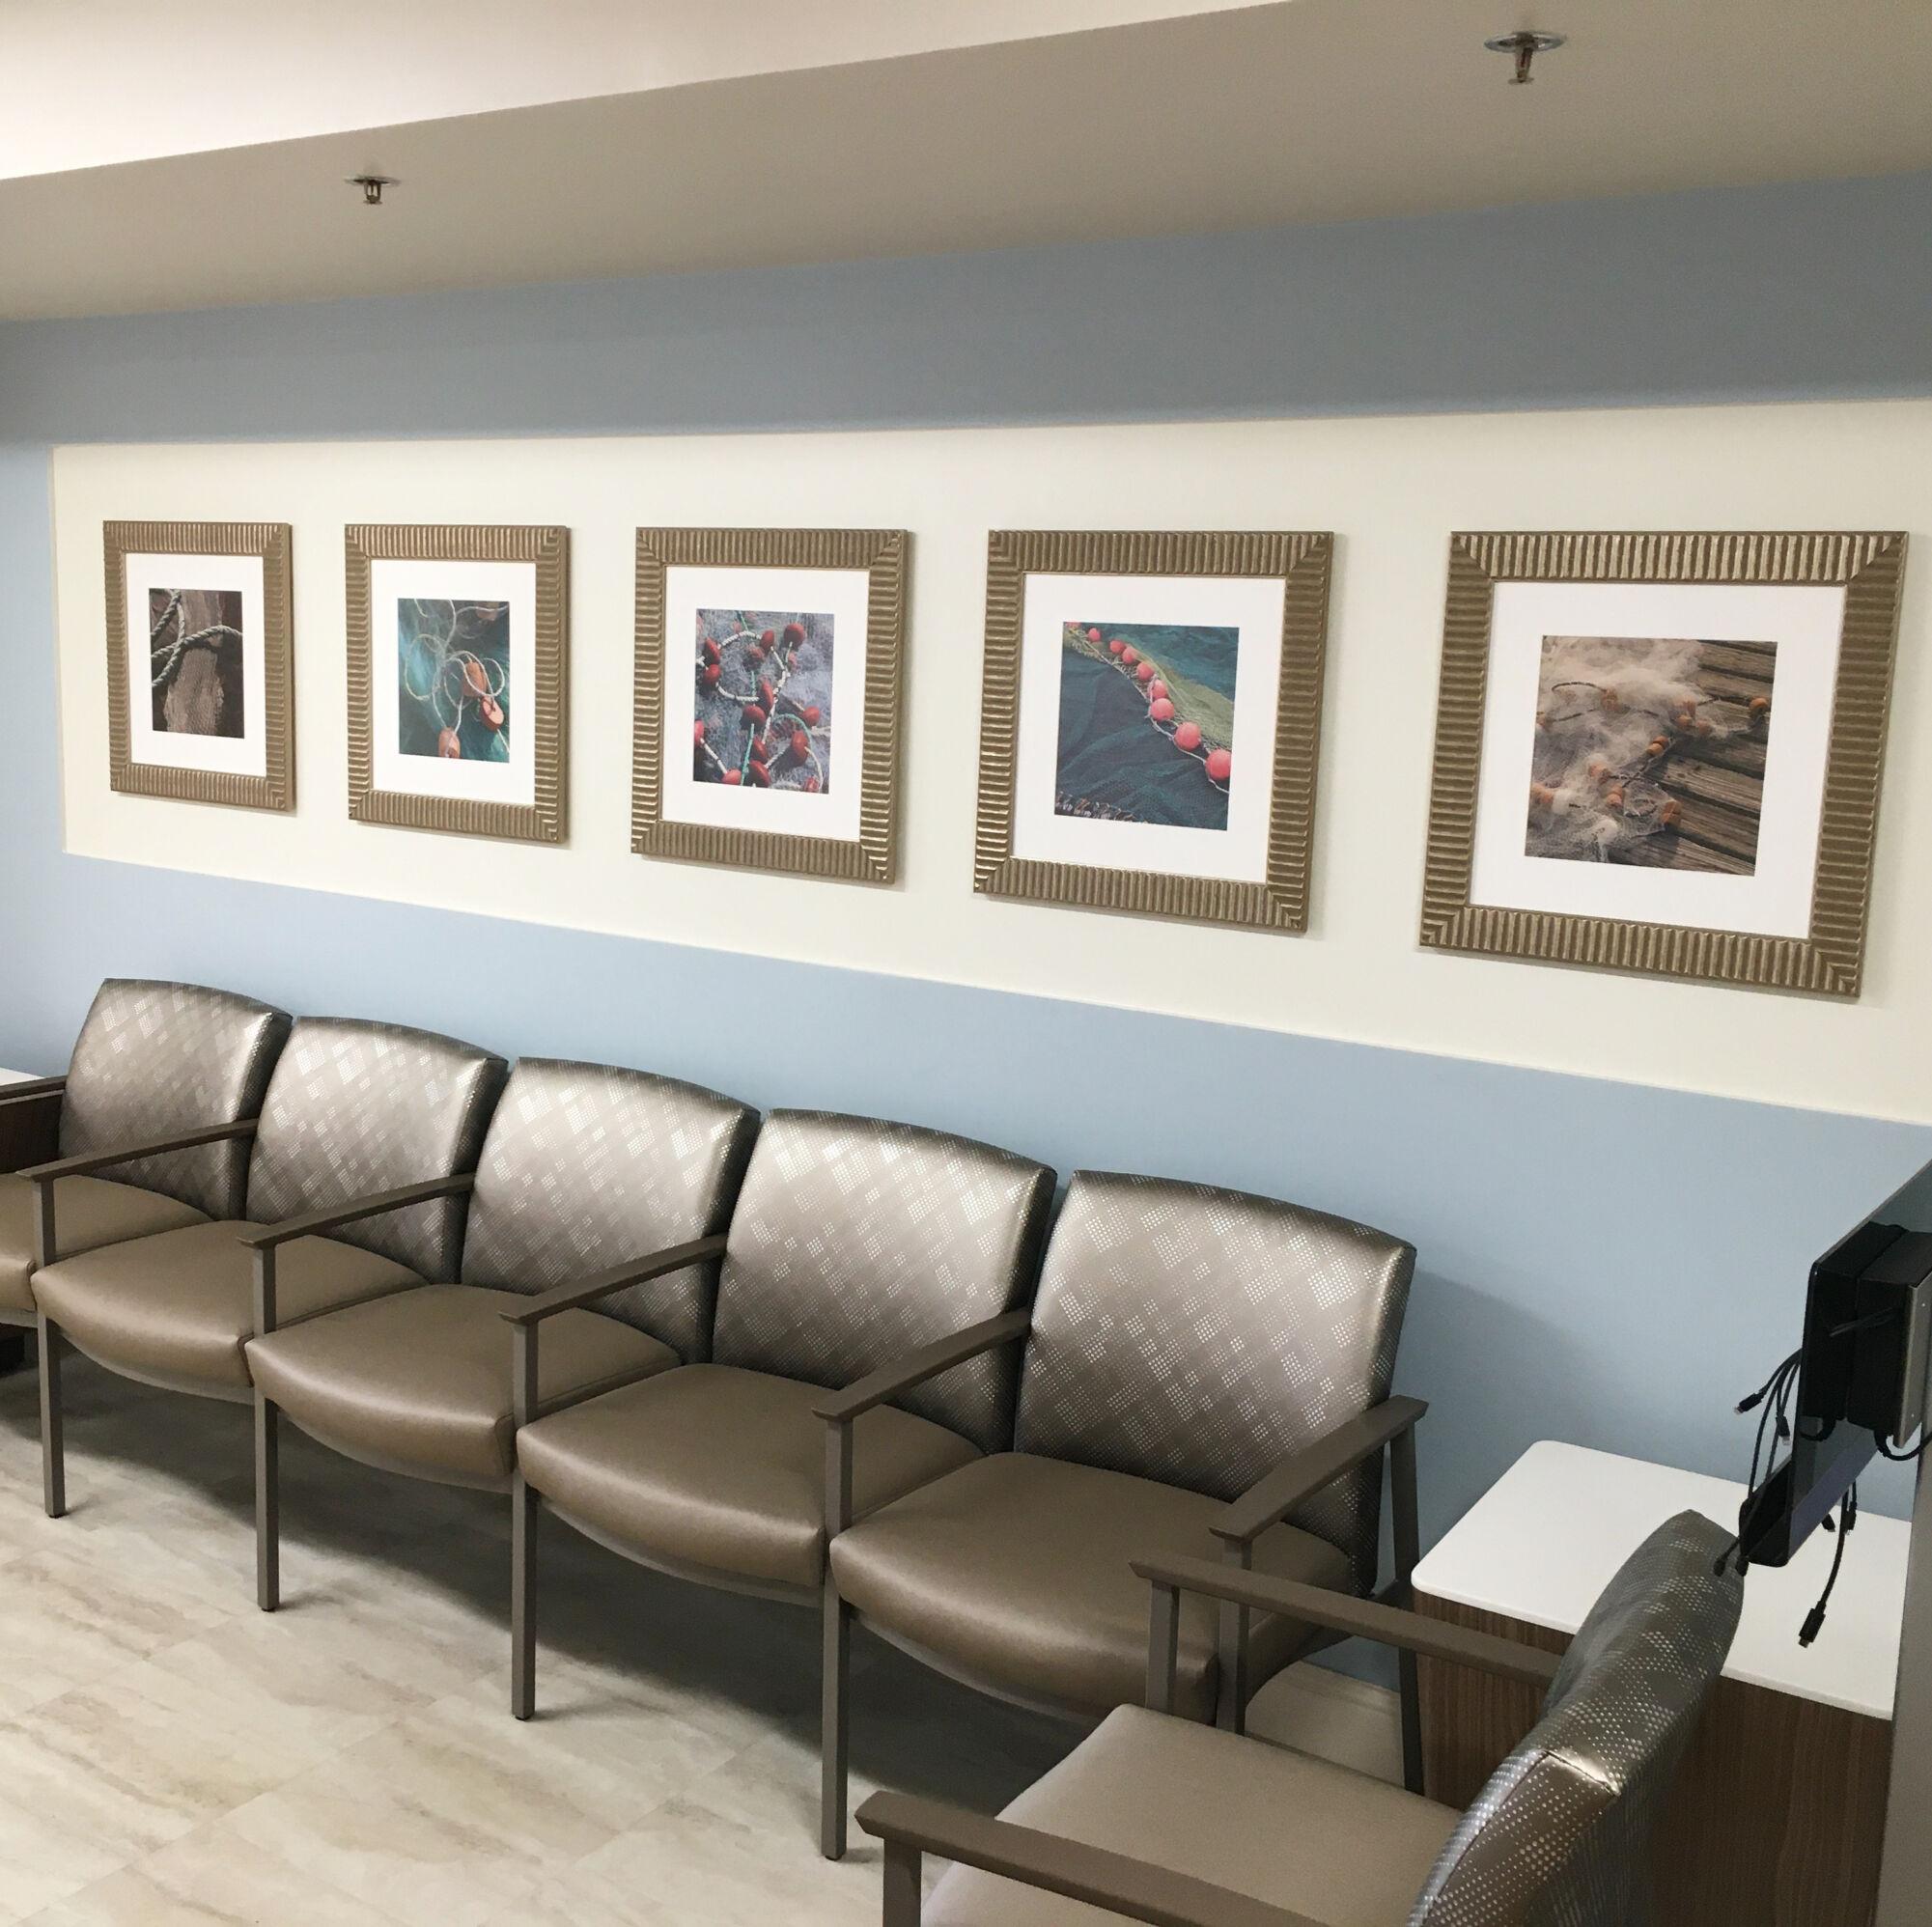 Art & Framing for waiting room